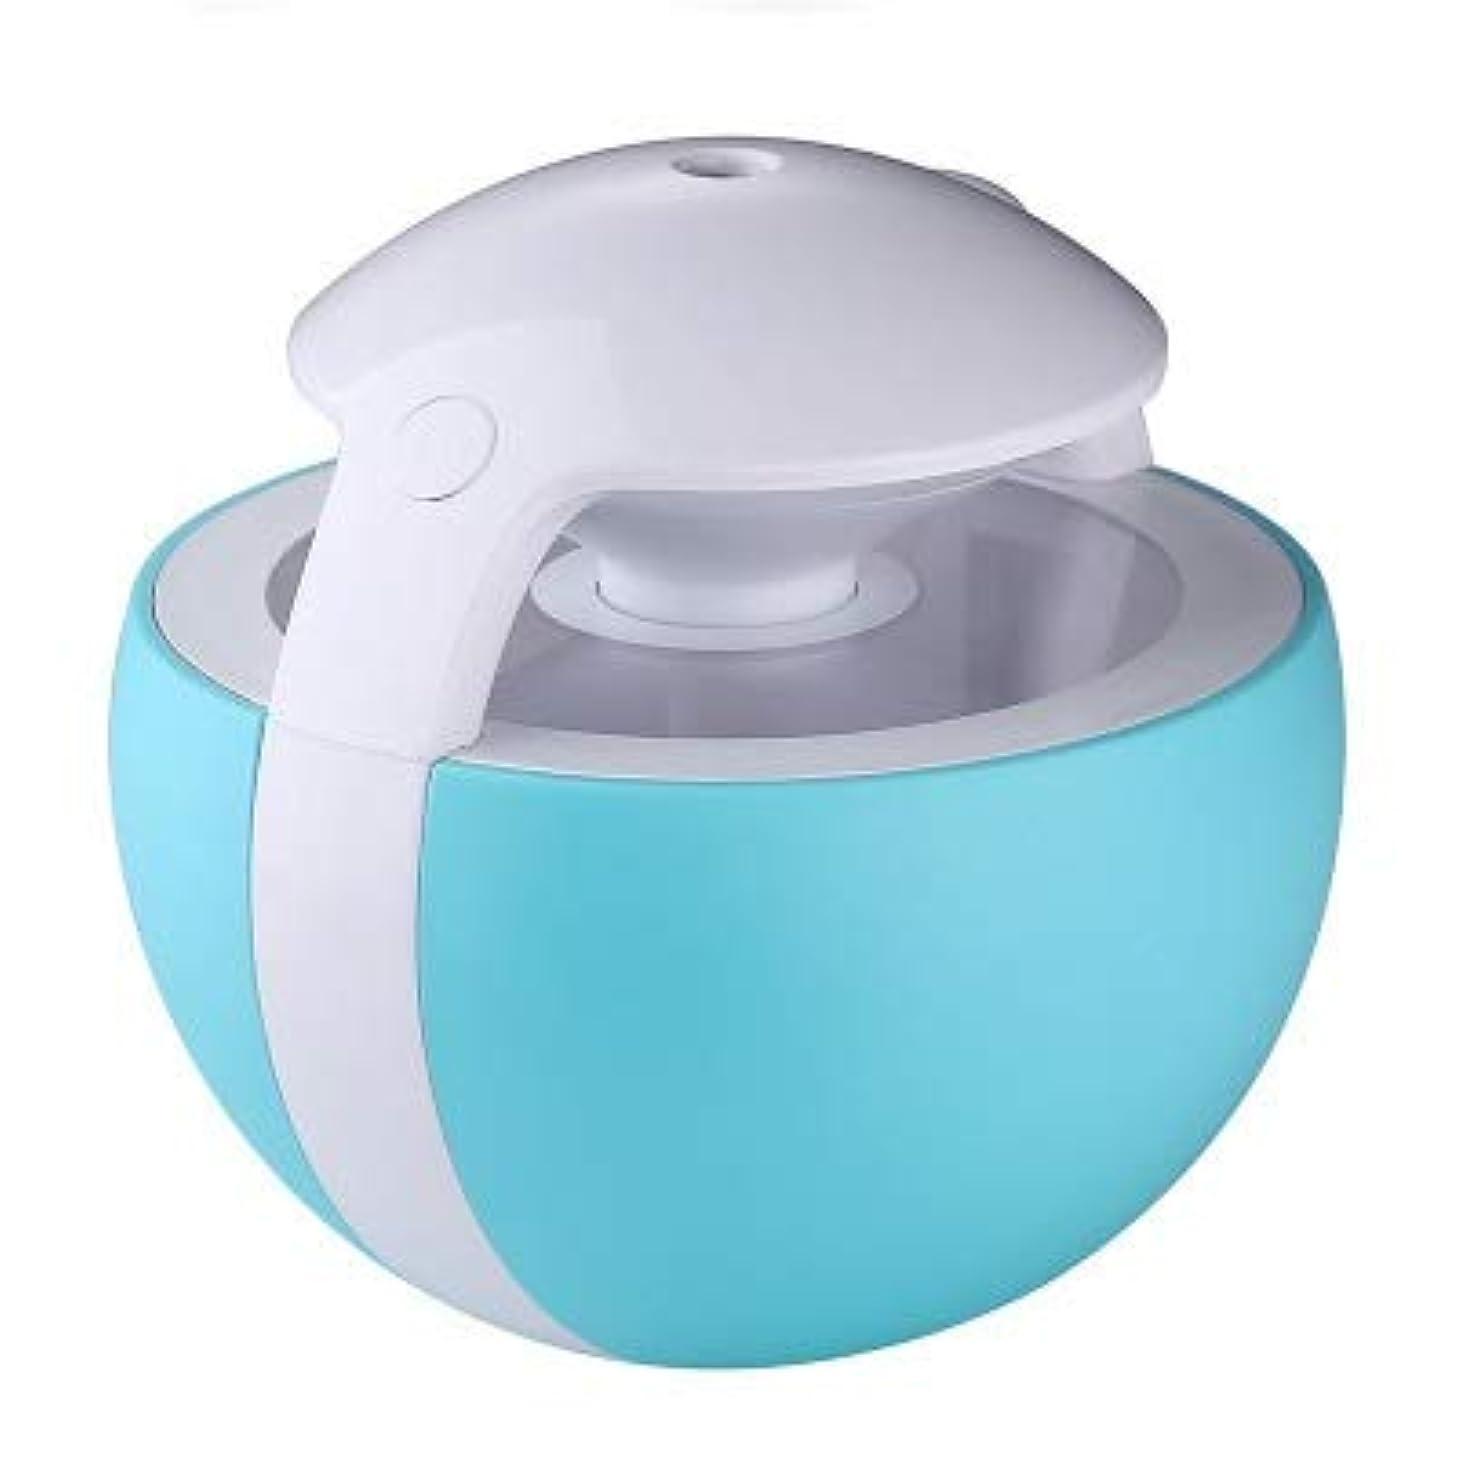 どこにもグリット平衡オフィスホームベッドルーム用超音波空気加湿器-アロマディフューザー-エッセンシャルオイルディフューザー-快適に眠り、職場を簡単に制御できる超静音 (Color : Blue)